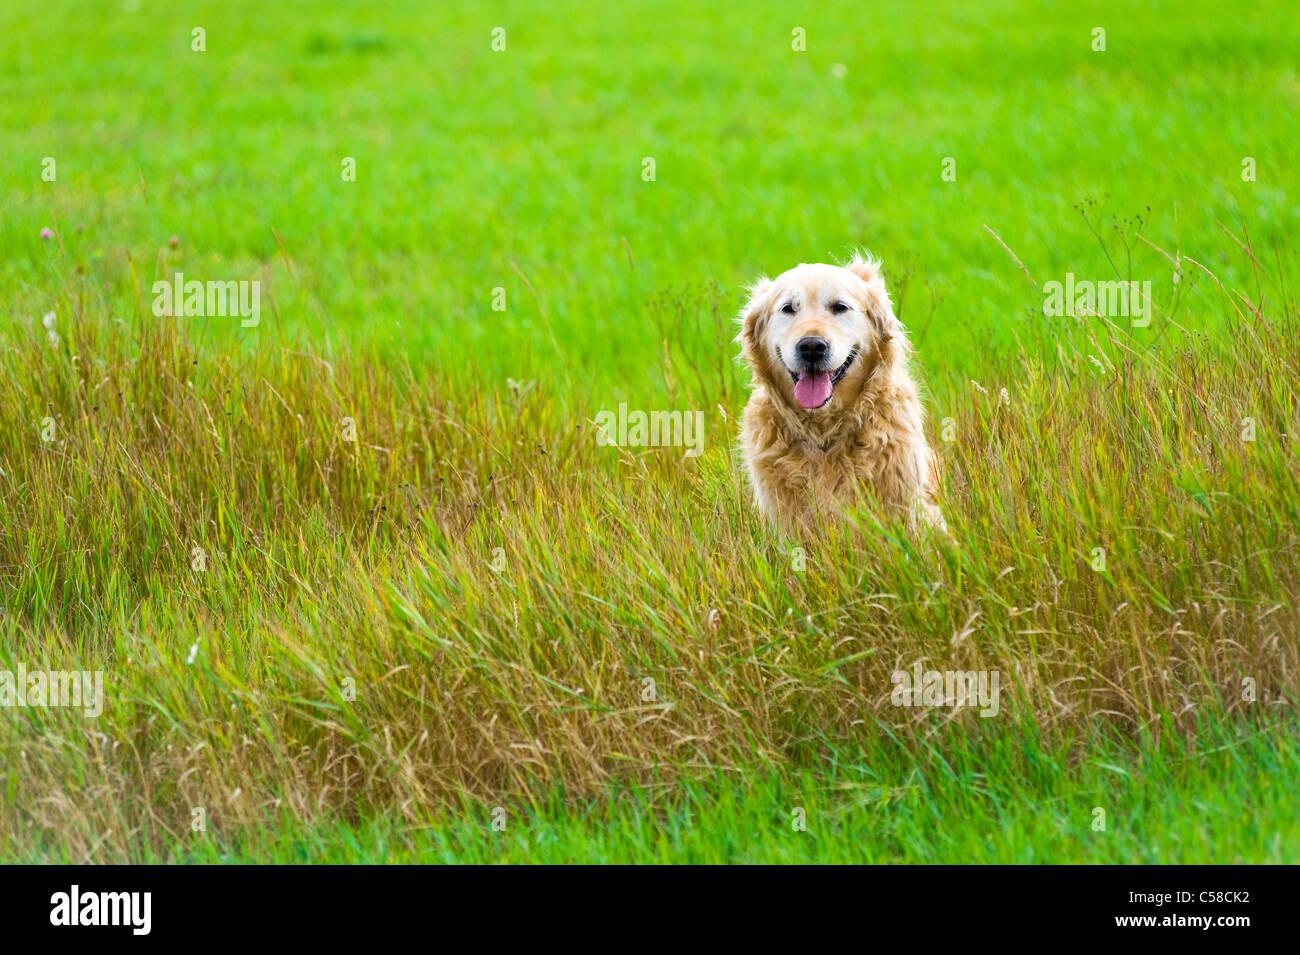 Un beau, vieux, golden retriever femelle en faisant une pause, assis dans un champ tandis que dehors pour une promenade Photo Stock